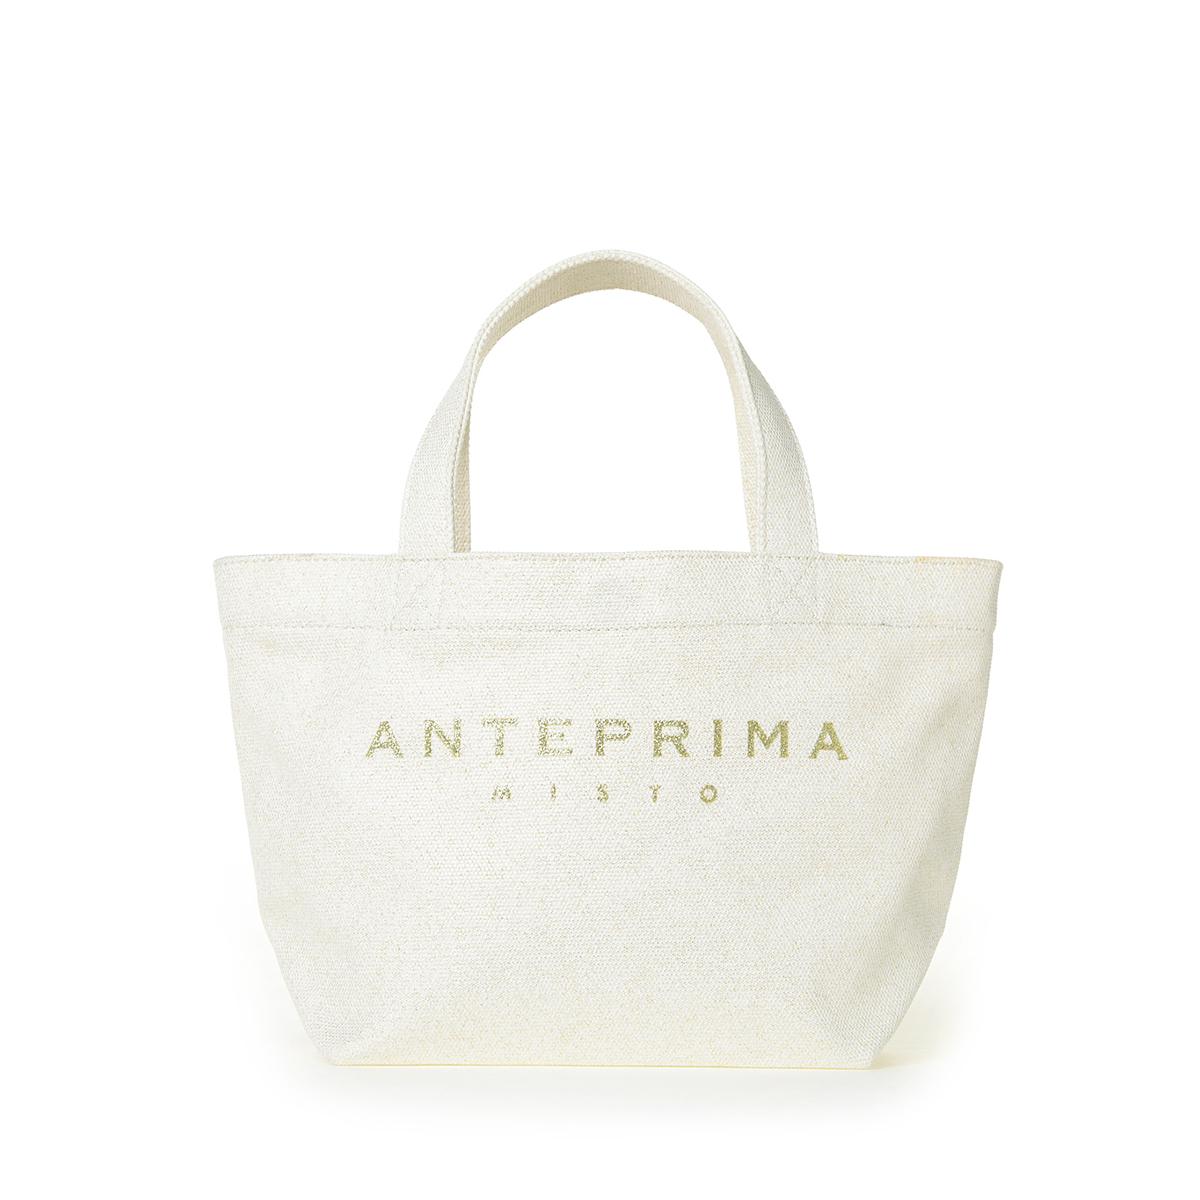 【ANTEPRIMA公式】アンテプリマ/ミスト/ロゴ*T/スモール/シャンパンゴールド/ANTEPRIMA/MISTO/PB17FR4081/SMALL